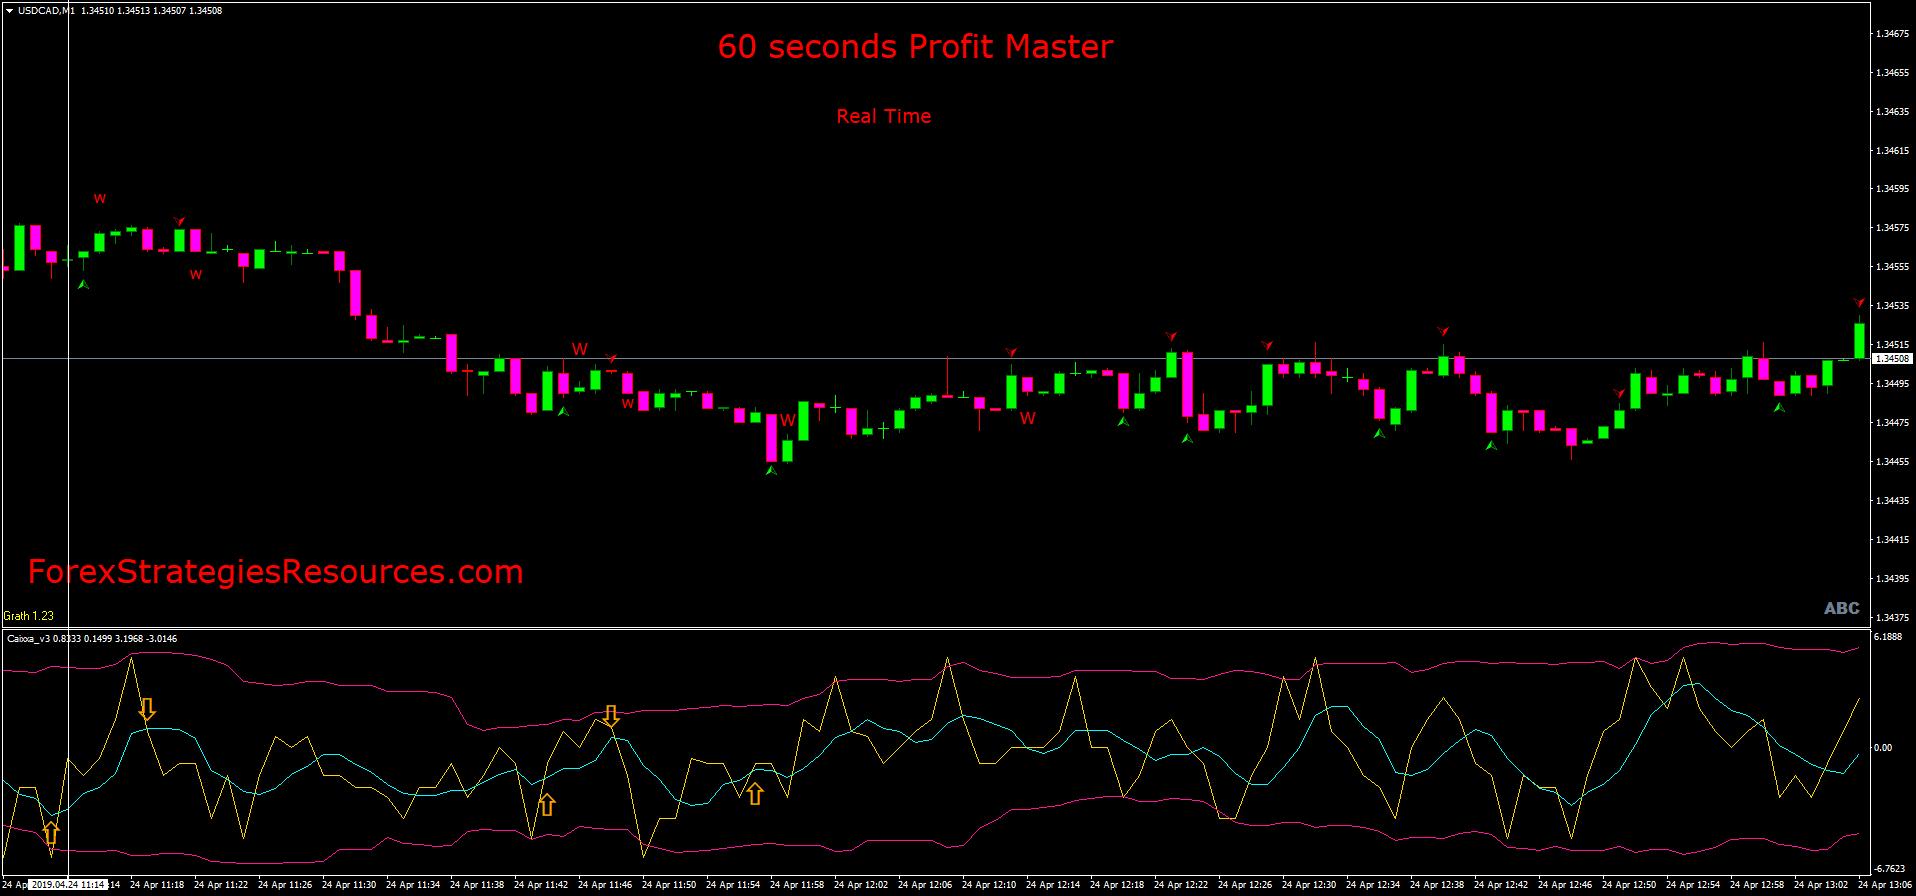 strategie indicator pentru opțiuni 60 de secunde